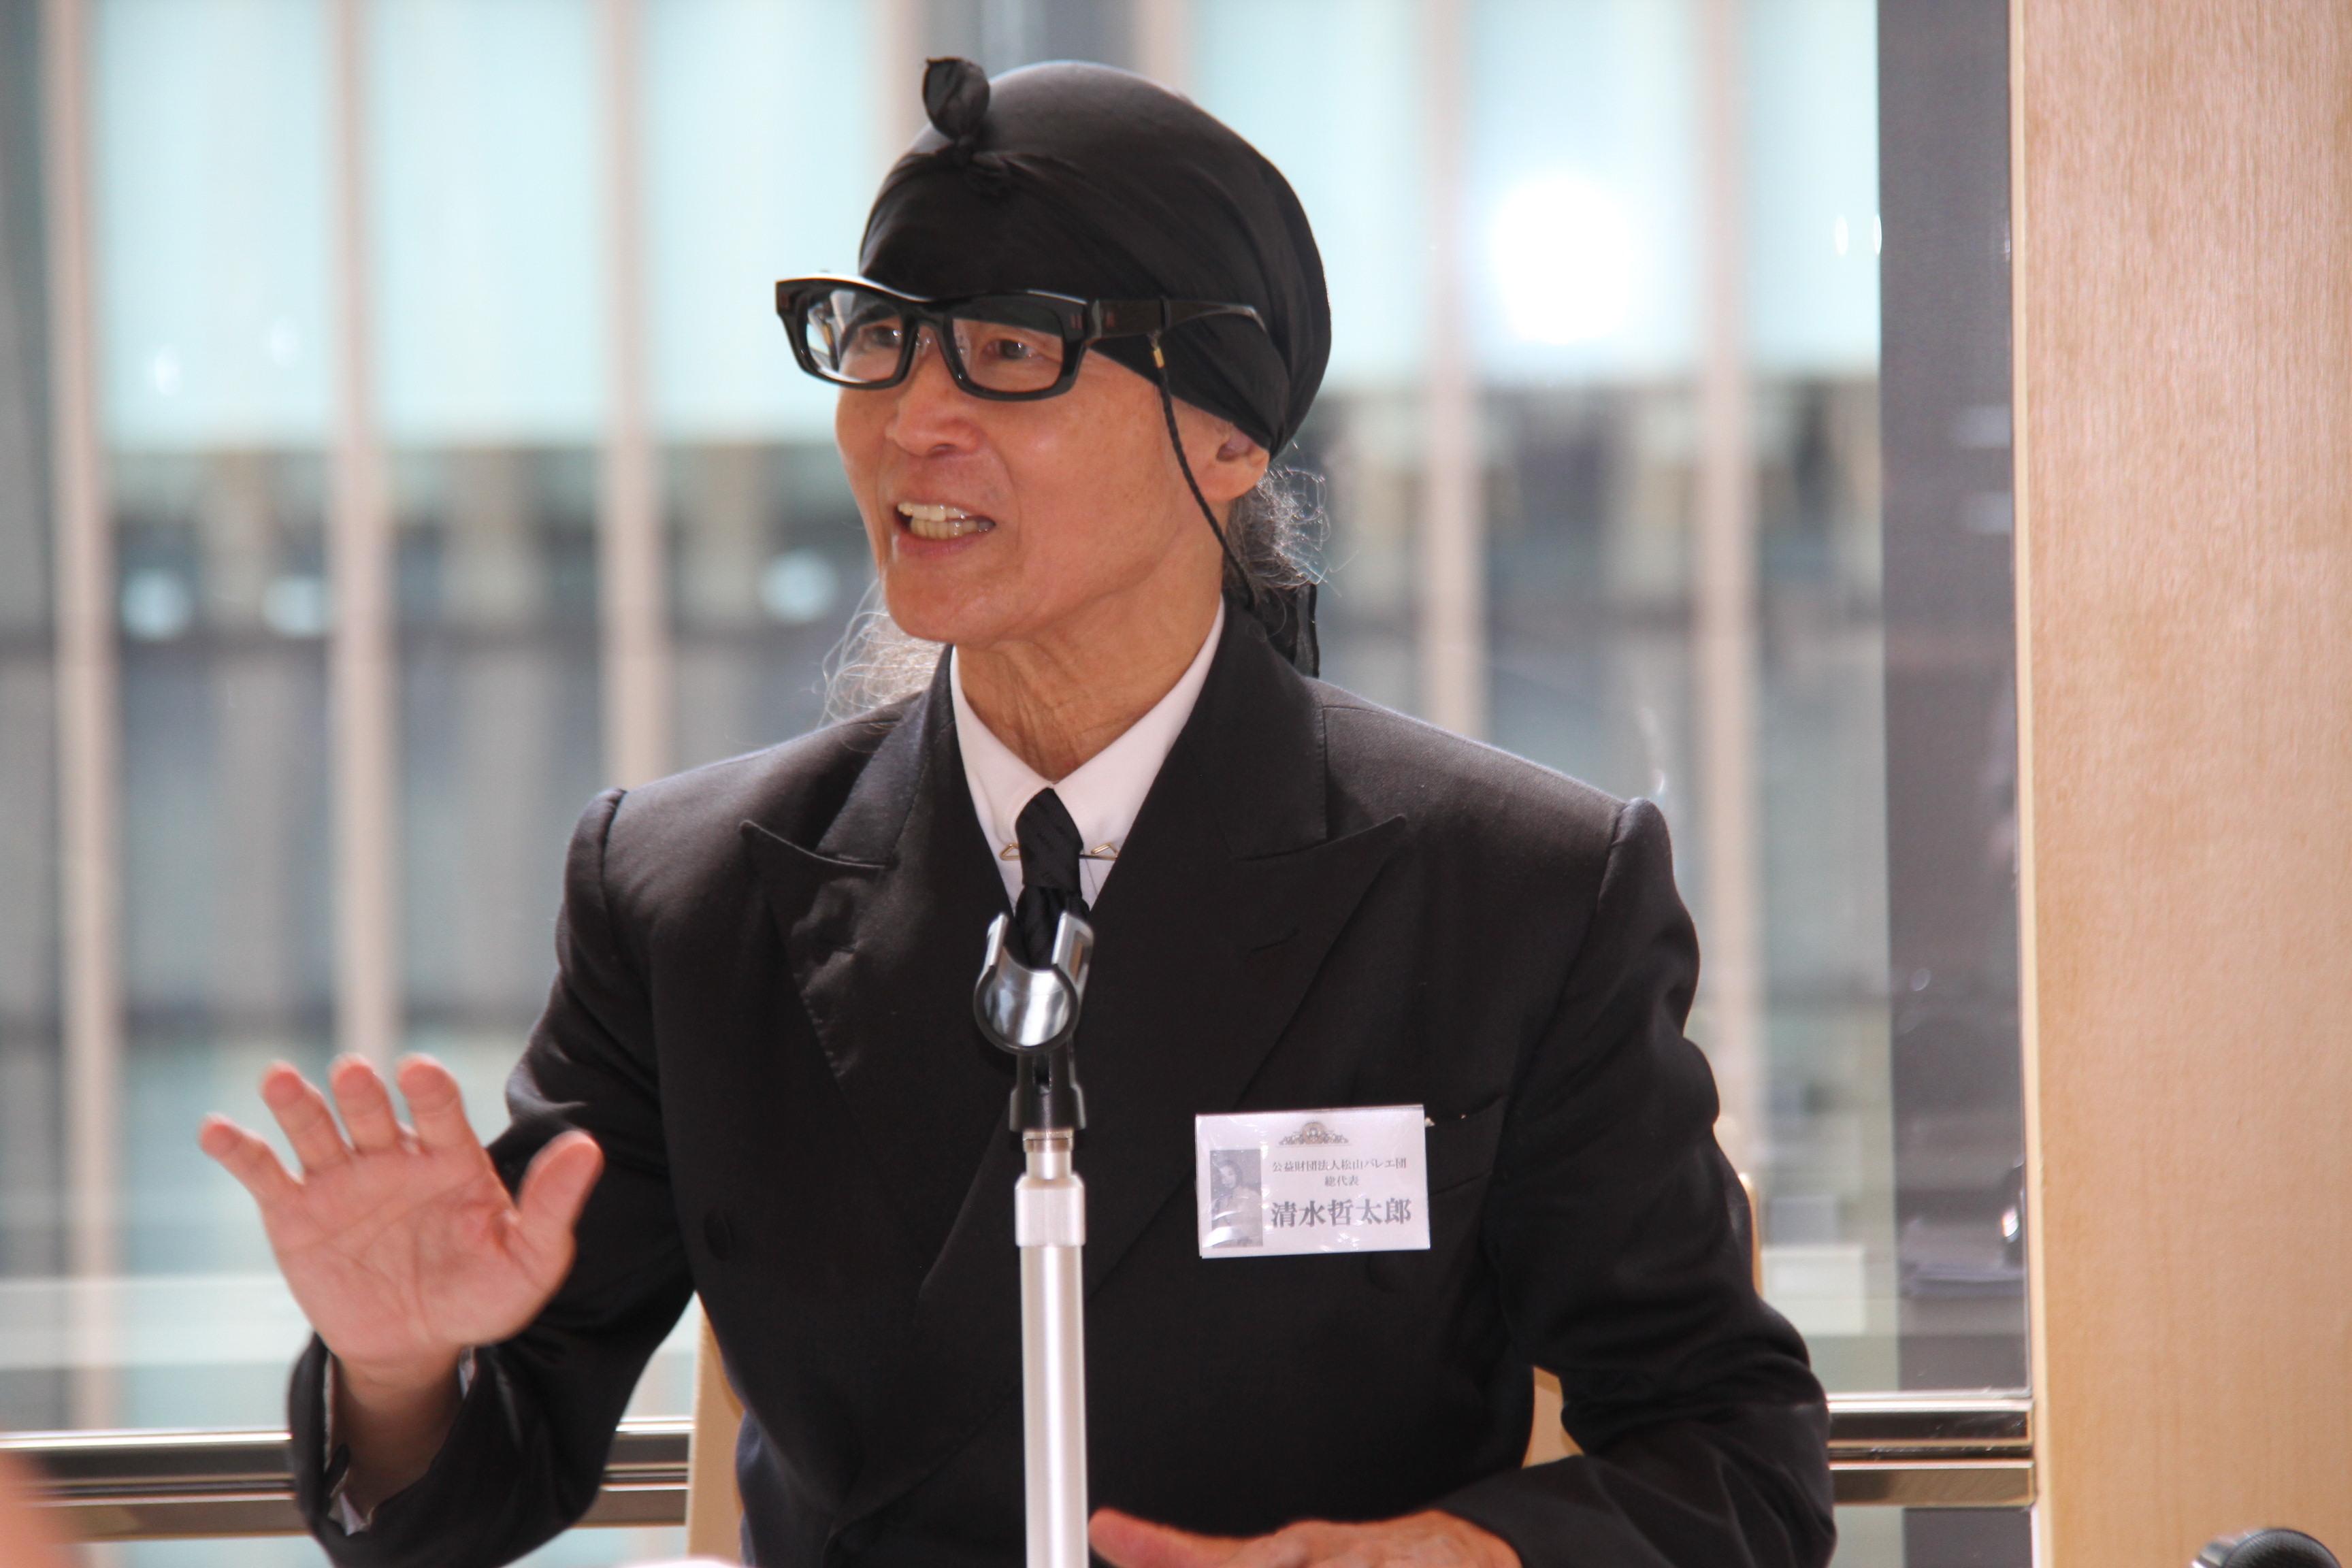 記者会見でバレエ芸術について語る、総代表 清水哲太郎  (C)H.isojima